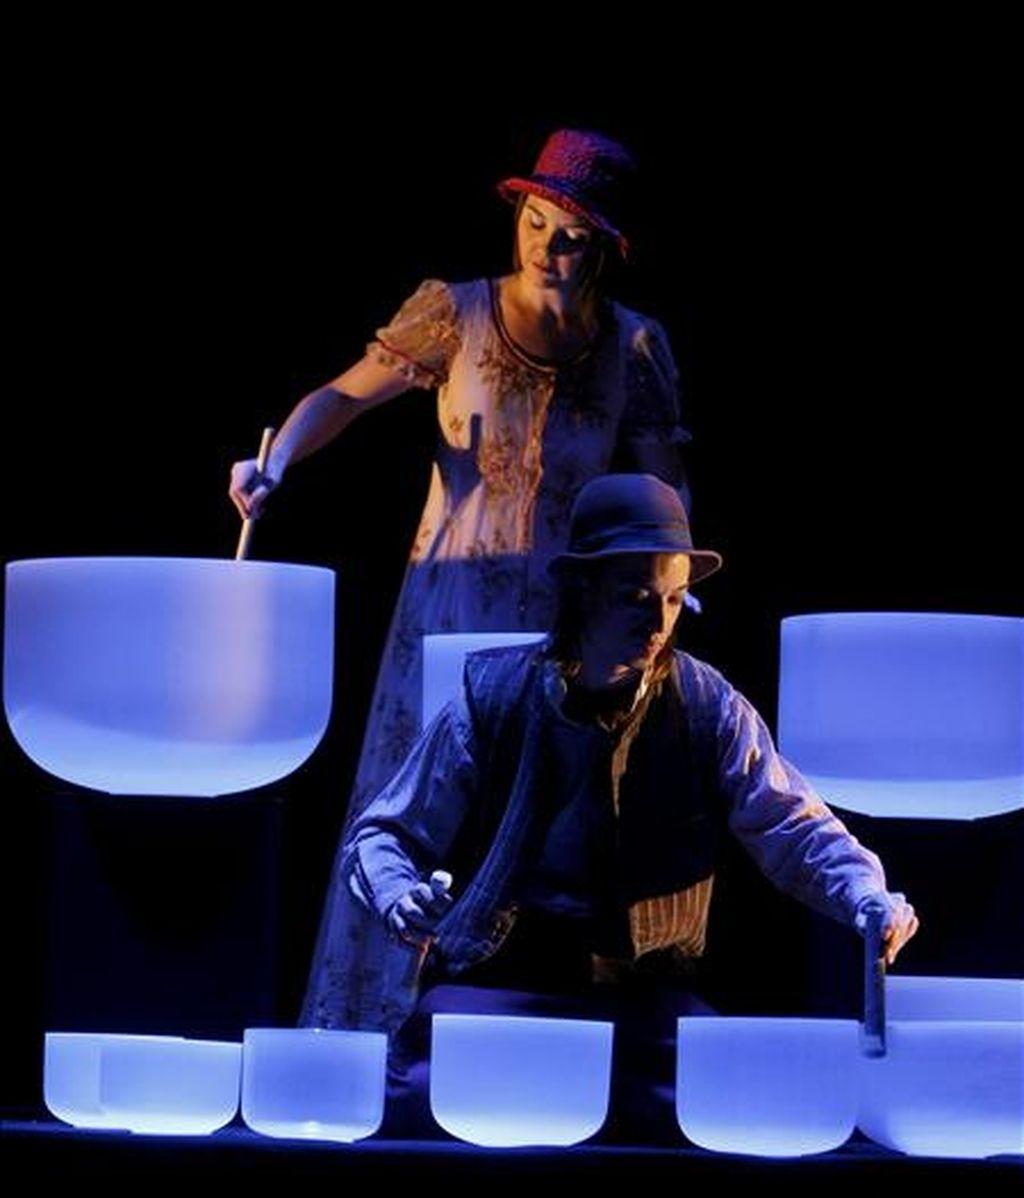 """Un momento del pase gráfico del espectáculo """"Corteo"""" que el Circo del Sol 2011 ha presentado hoy en el Teatro de la Abadía, en Madrid. El espectáculo se representará en el escenario de Puerta del Angel de Madrid a partir del próximo día 2 de Abril de 2011. EFE"""